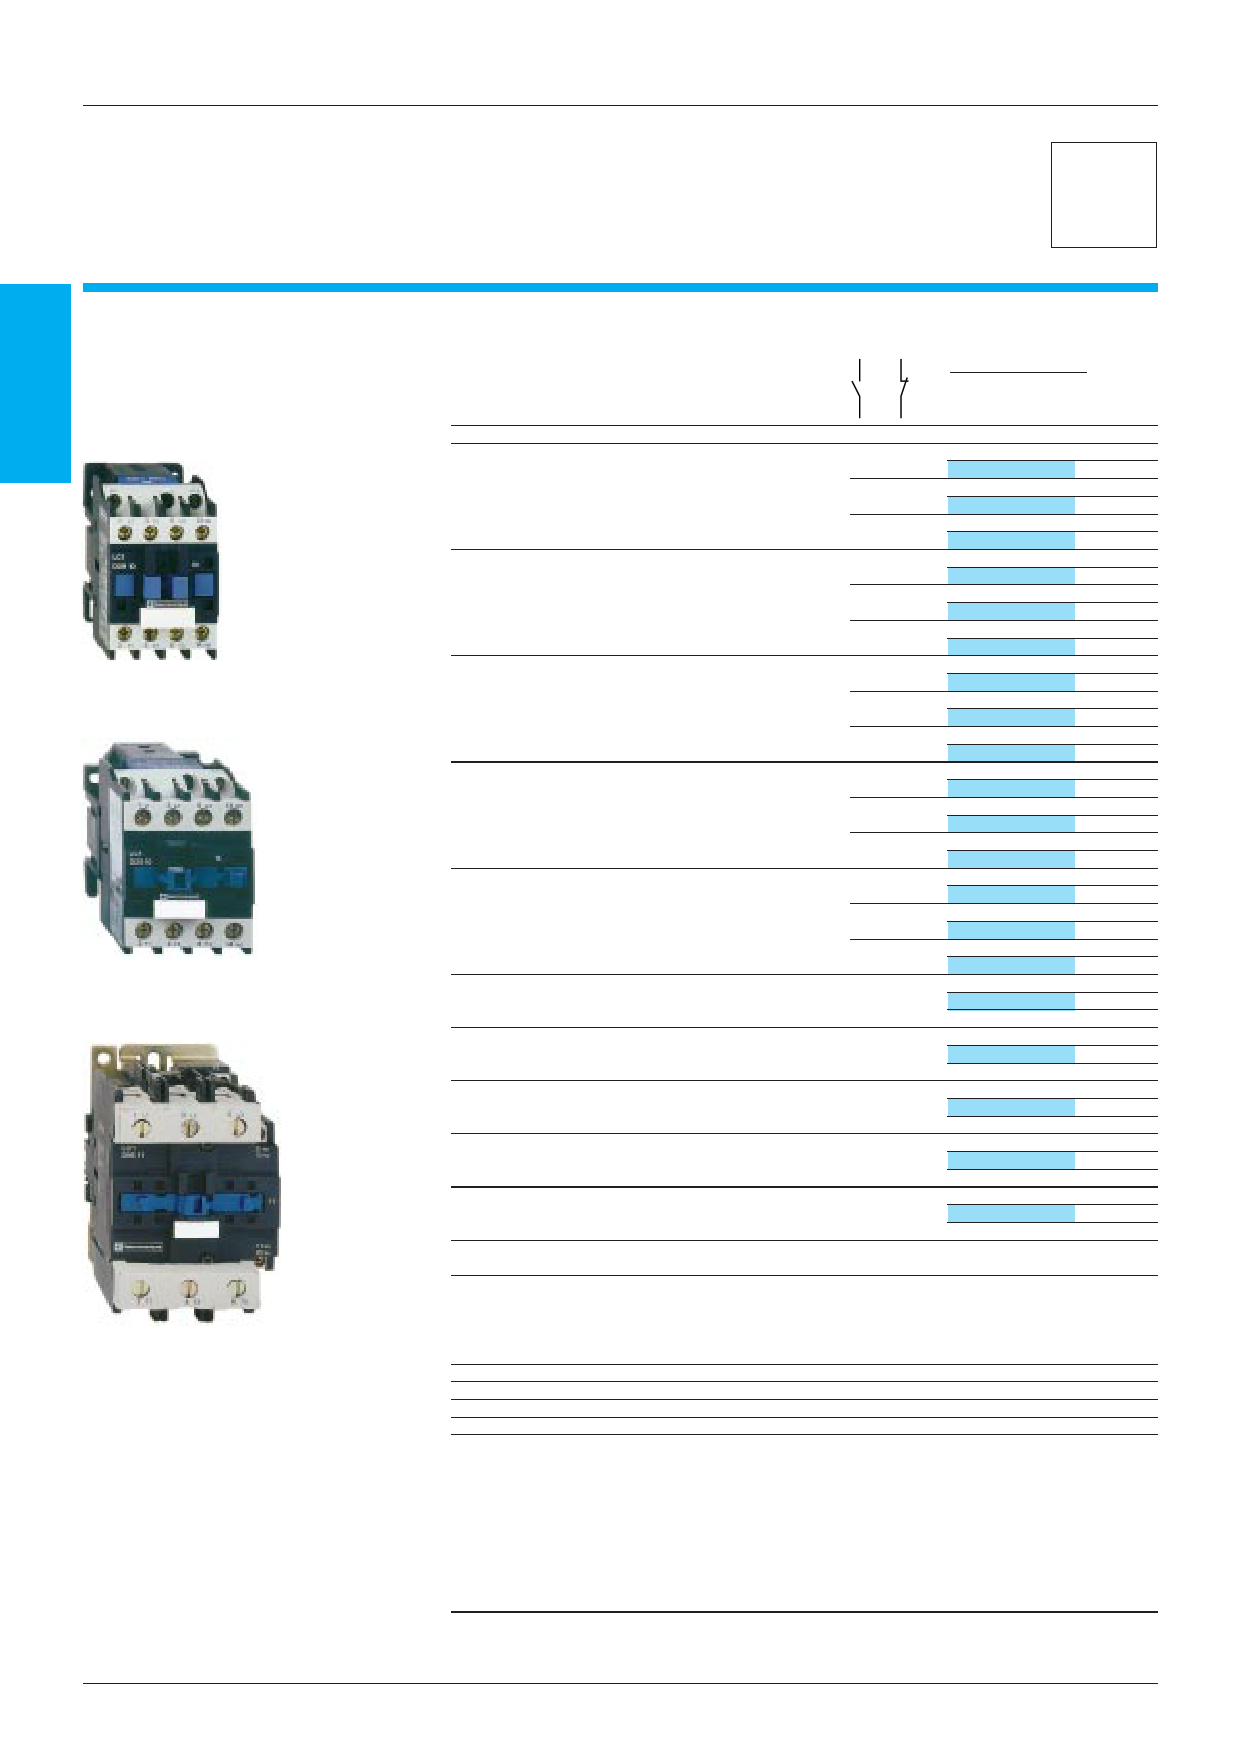 LC1-D2510xx datasheet